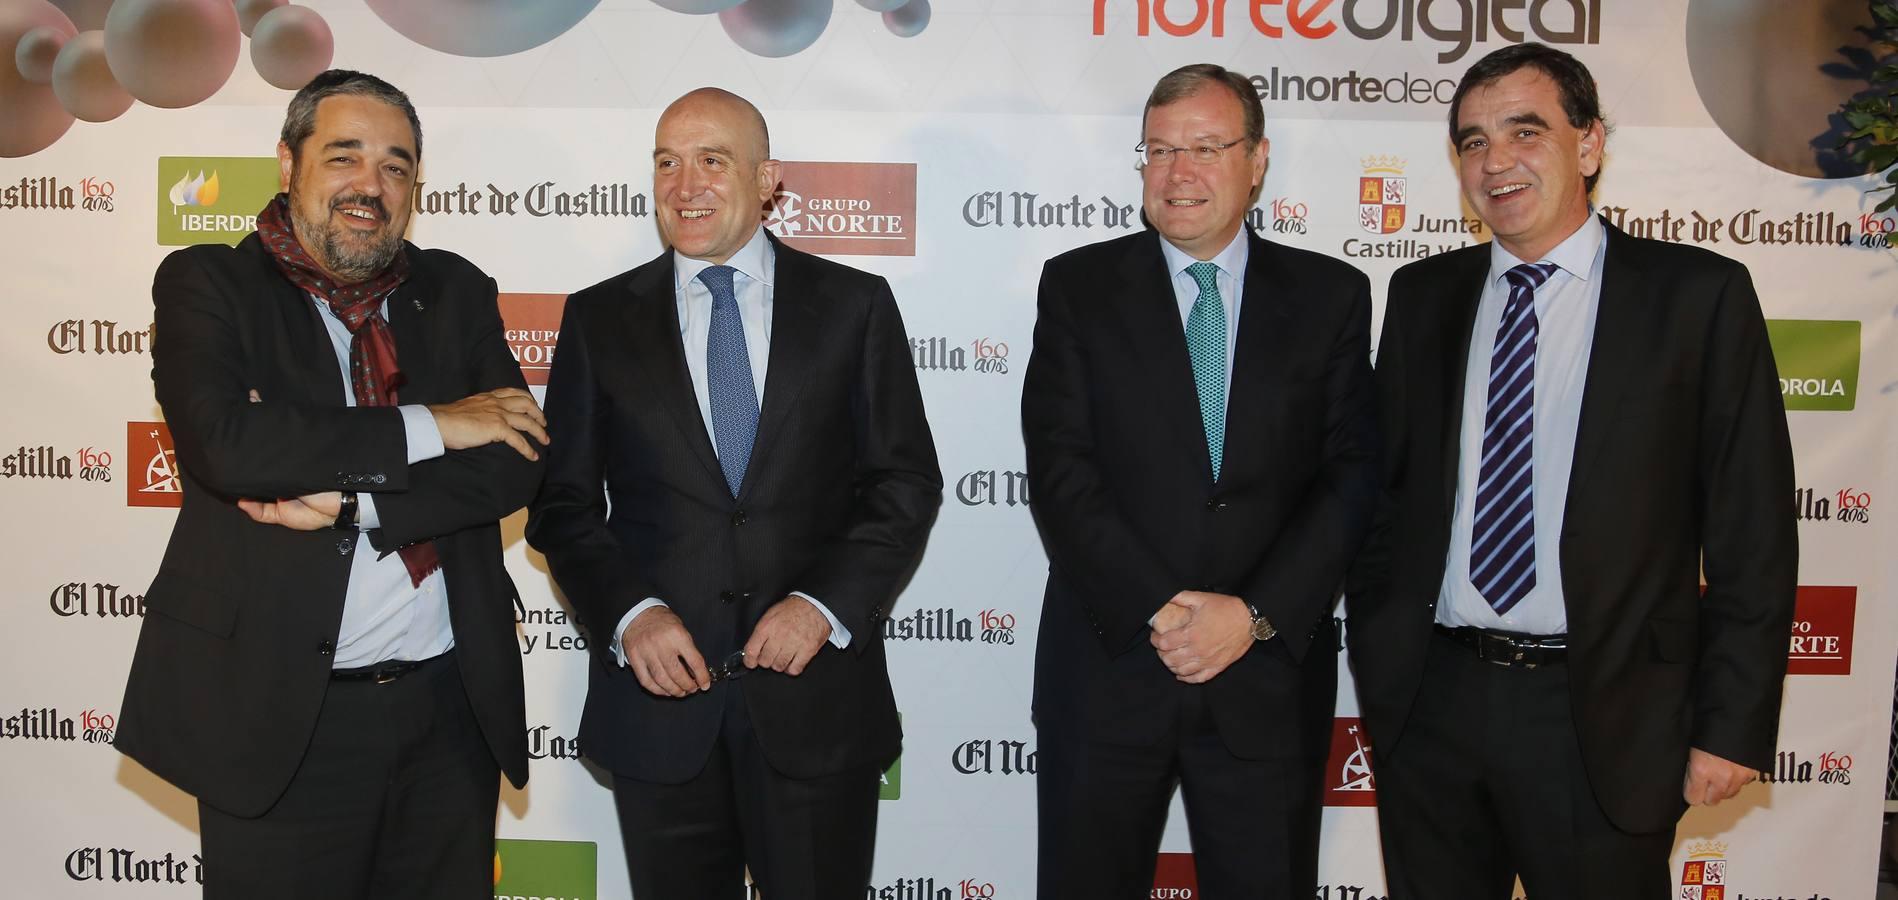 Gala de los Premios Buscando el Norte Digital (2/2)